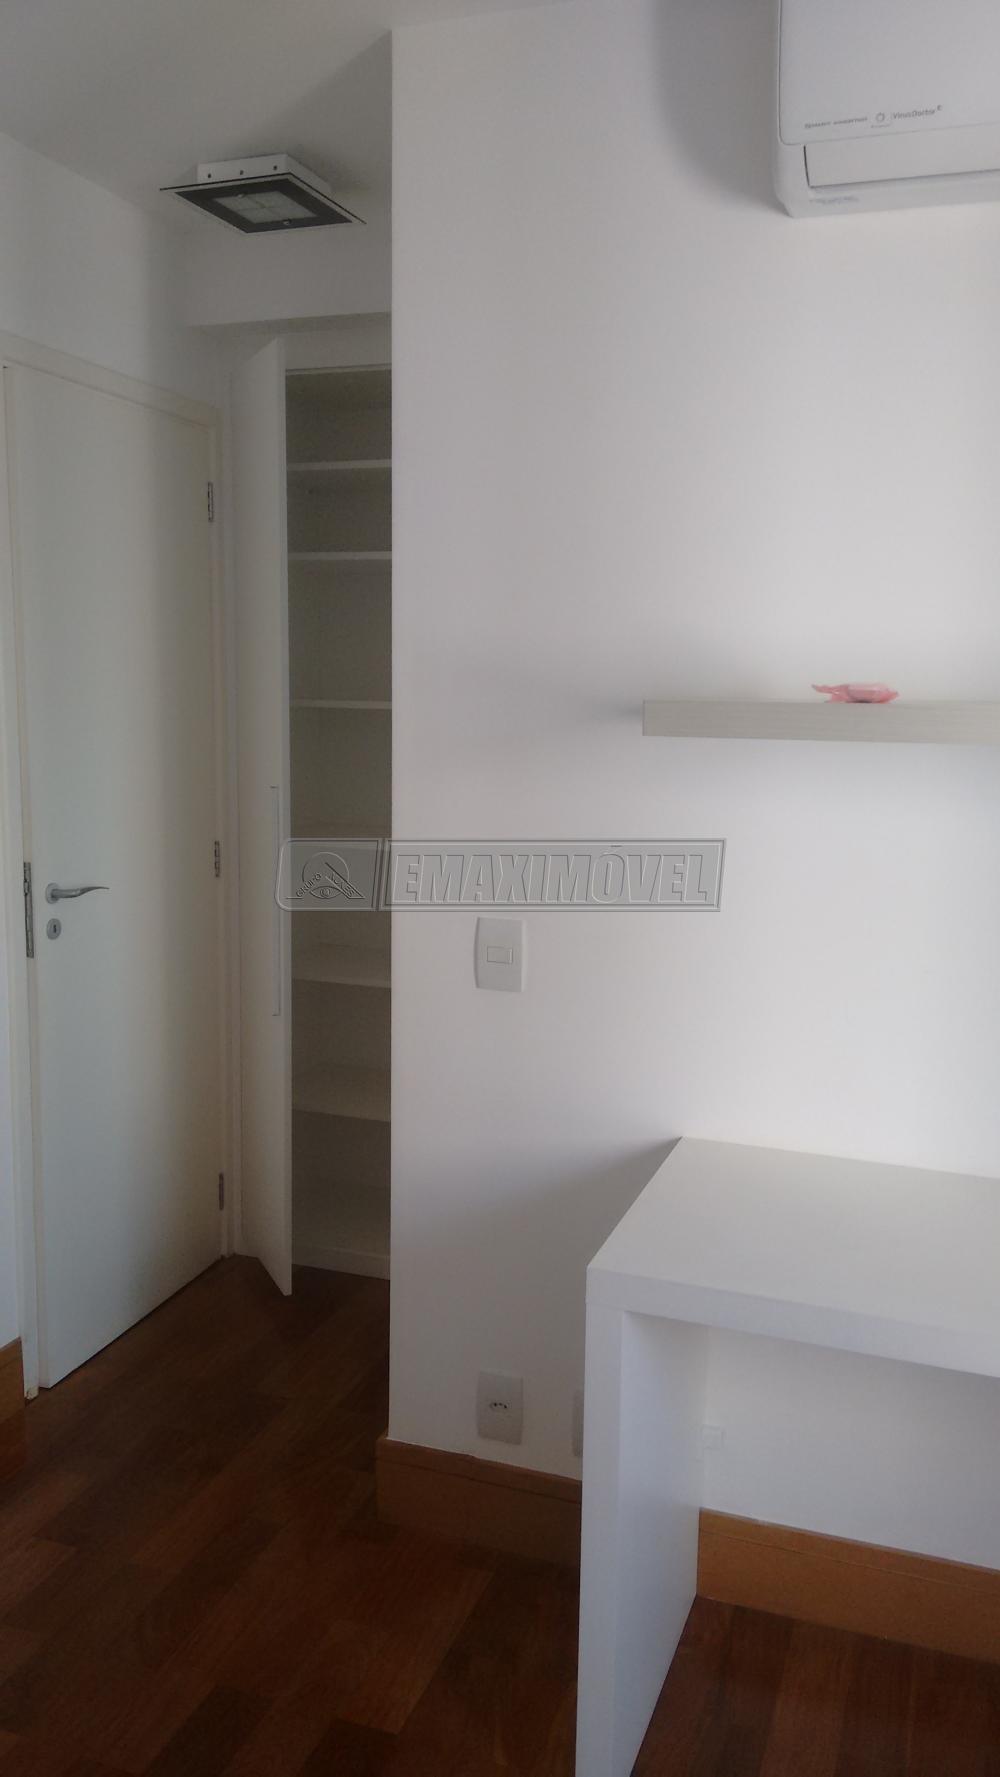 Comprar Apartamentos / Apto Padrão em Sorocaba apenas R$ 1.400.000,00 - Foto 19